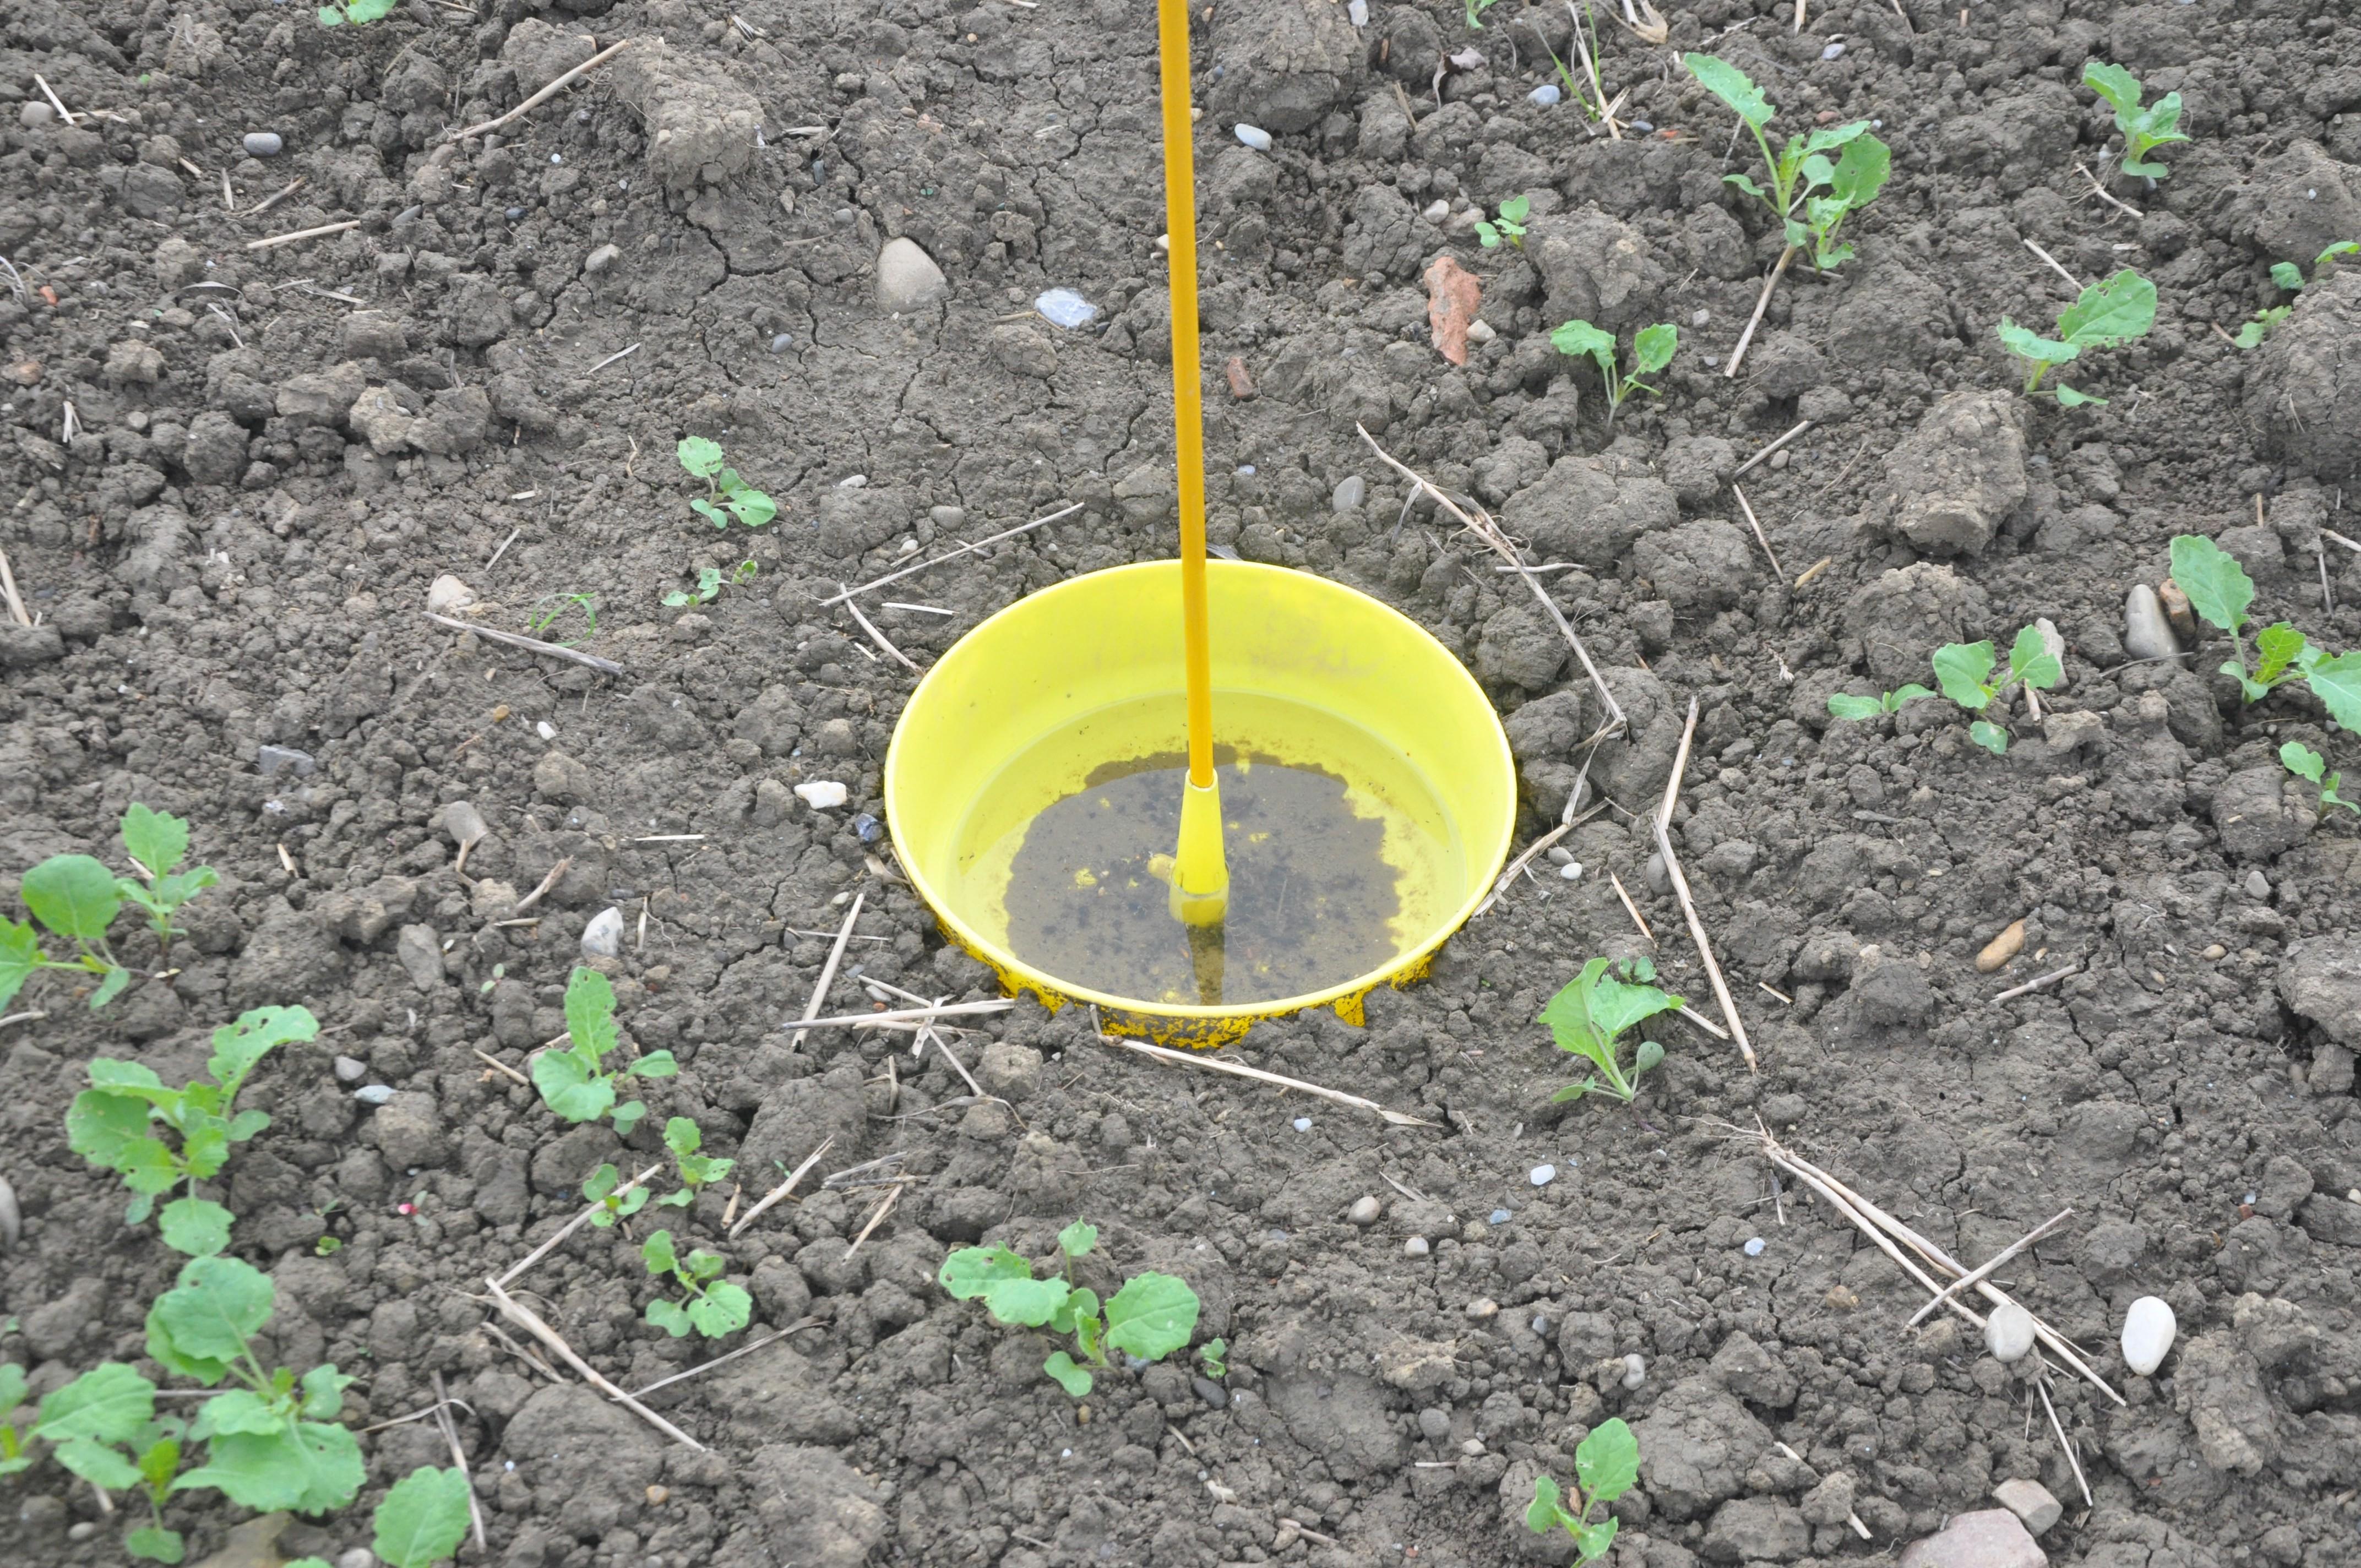 Mit Hilfe dieser Gelbfallen kann die Rapserdflohpopulation überwacht werden. Dabei muss darauf geachtet werden, dass die Falle schön im Boden vergraben wird.